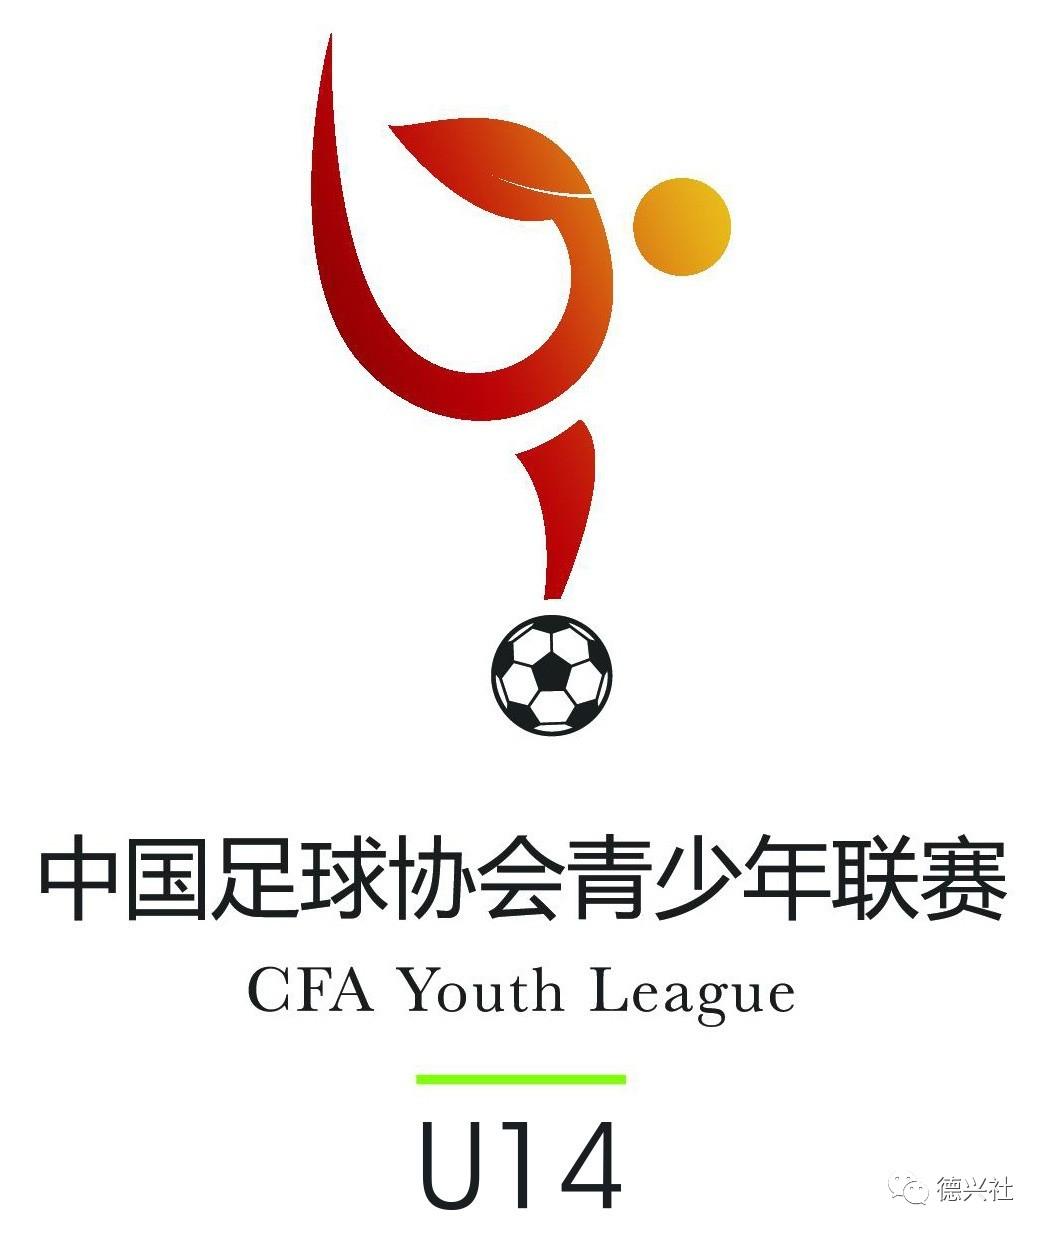 U14联赛第三阶段首轮●鲁能0比3惨败深圳  恒大A队取胜苏宁